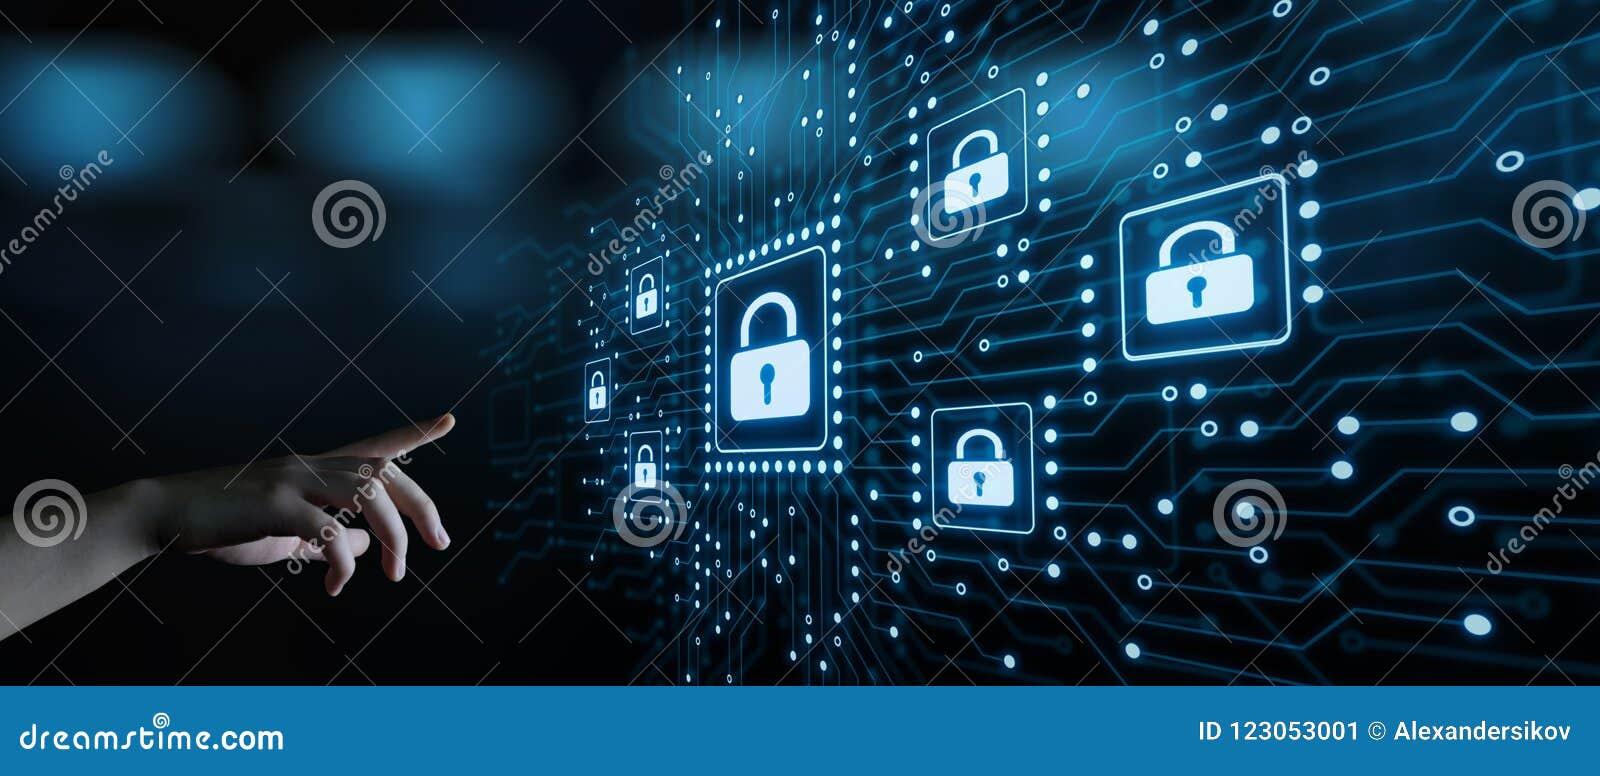 Έννοια ιδιωτικότητας επιχειρησιακής τεχνολογίας προστασίας δεδομένων ασφάλειας Cyber